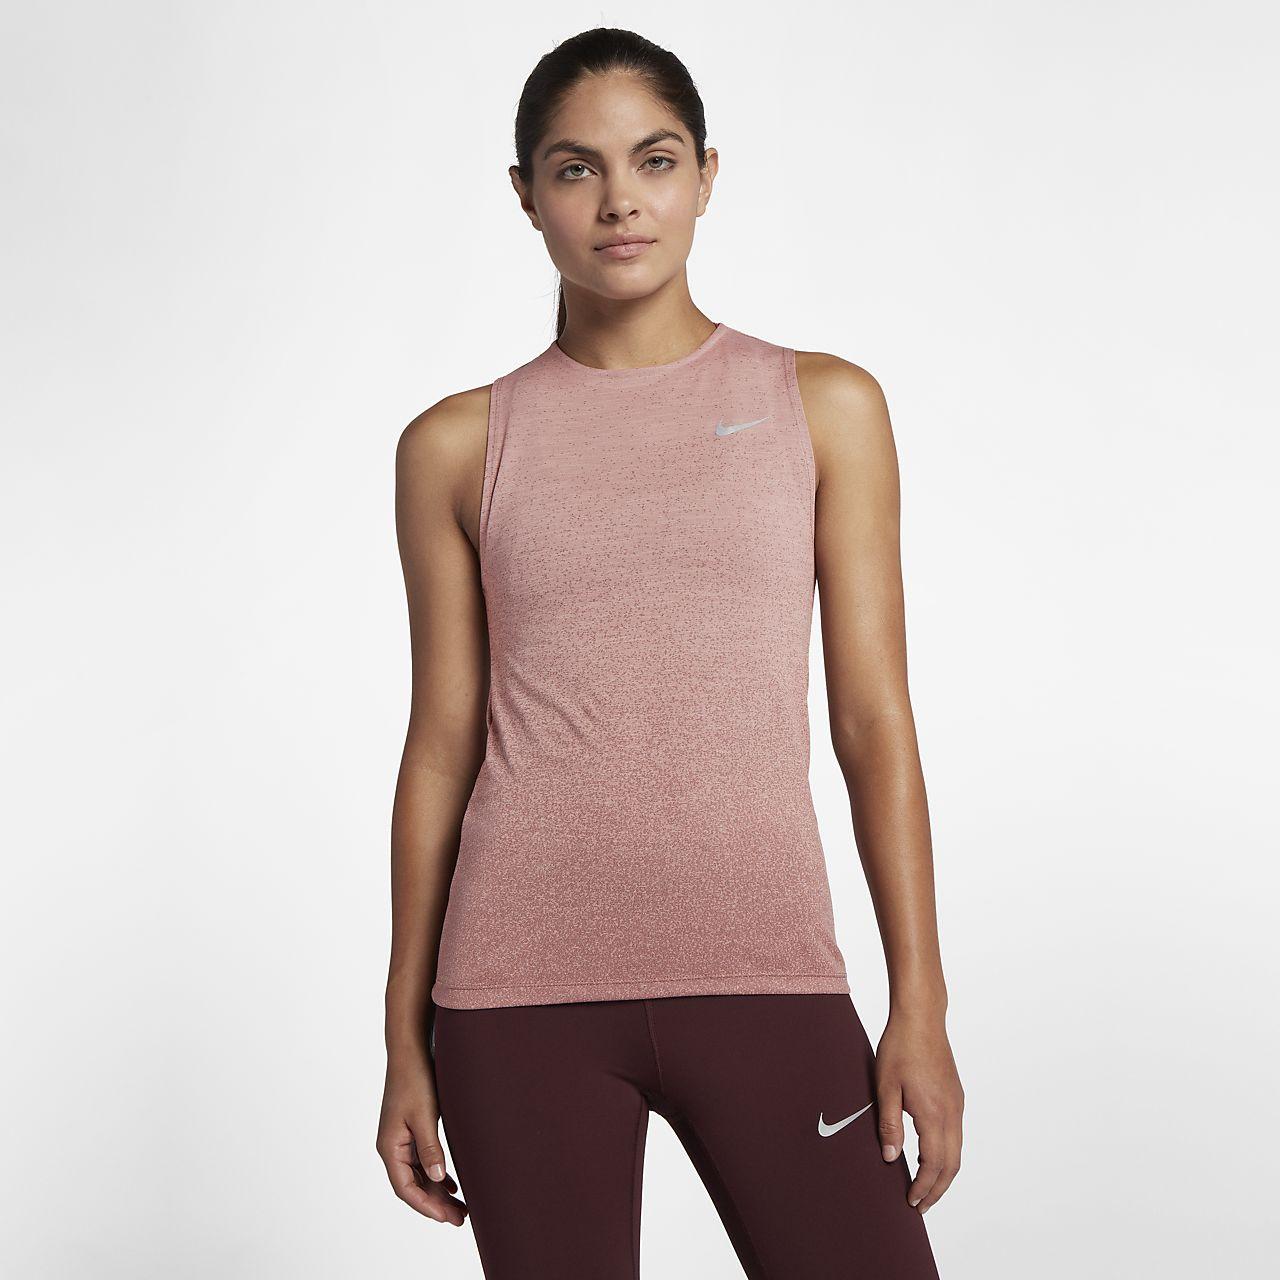 prix compétitif 14be7 f0945 Débardeur de running Nike Medalist pour Femme